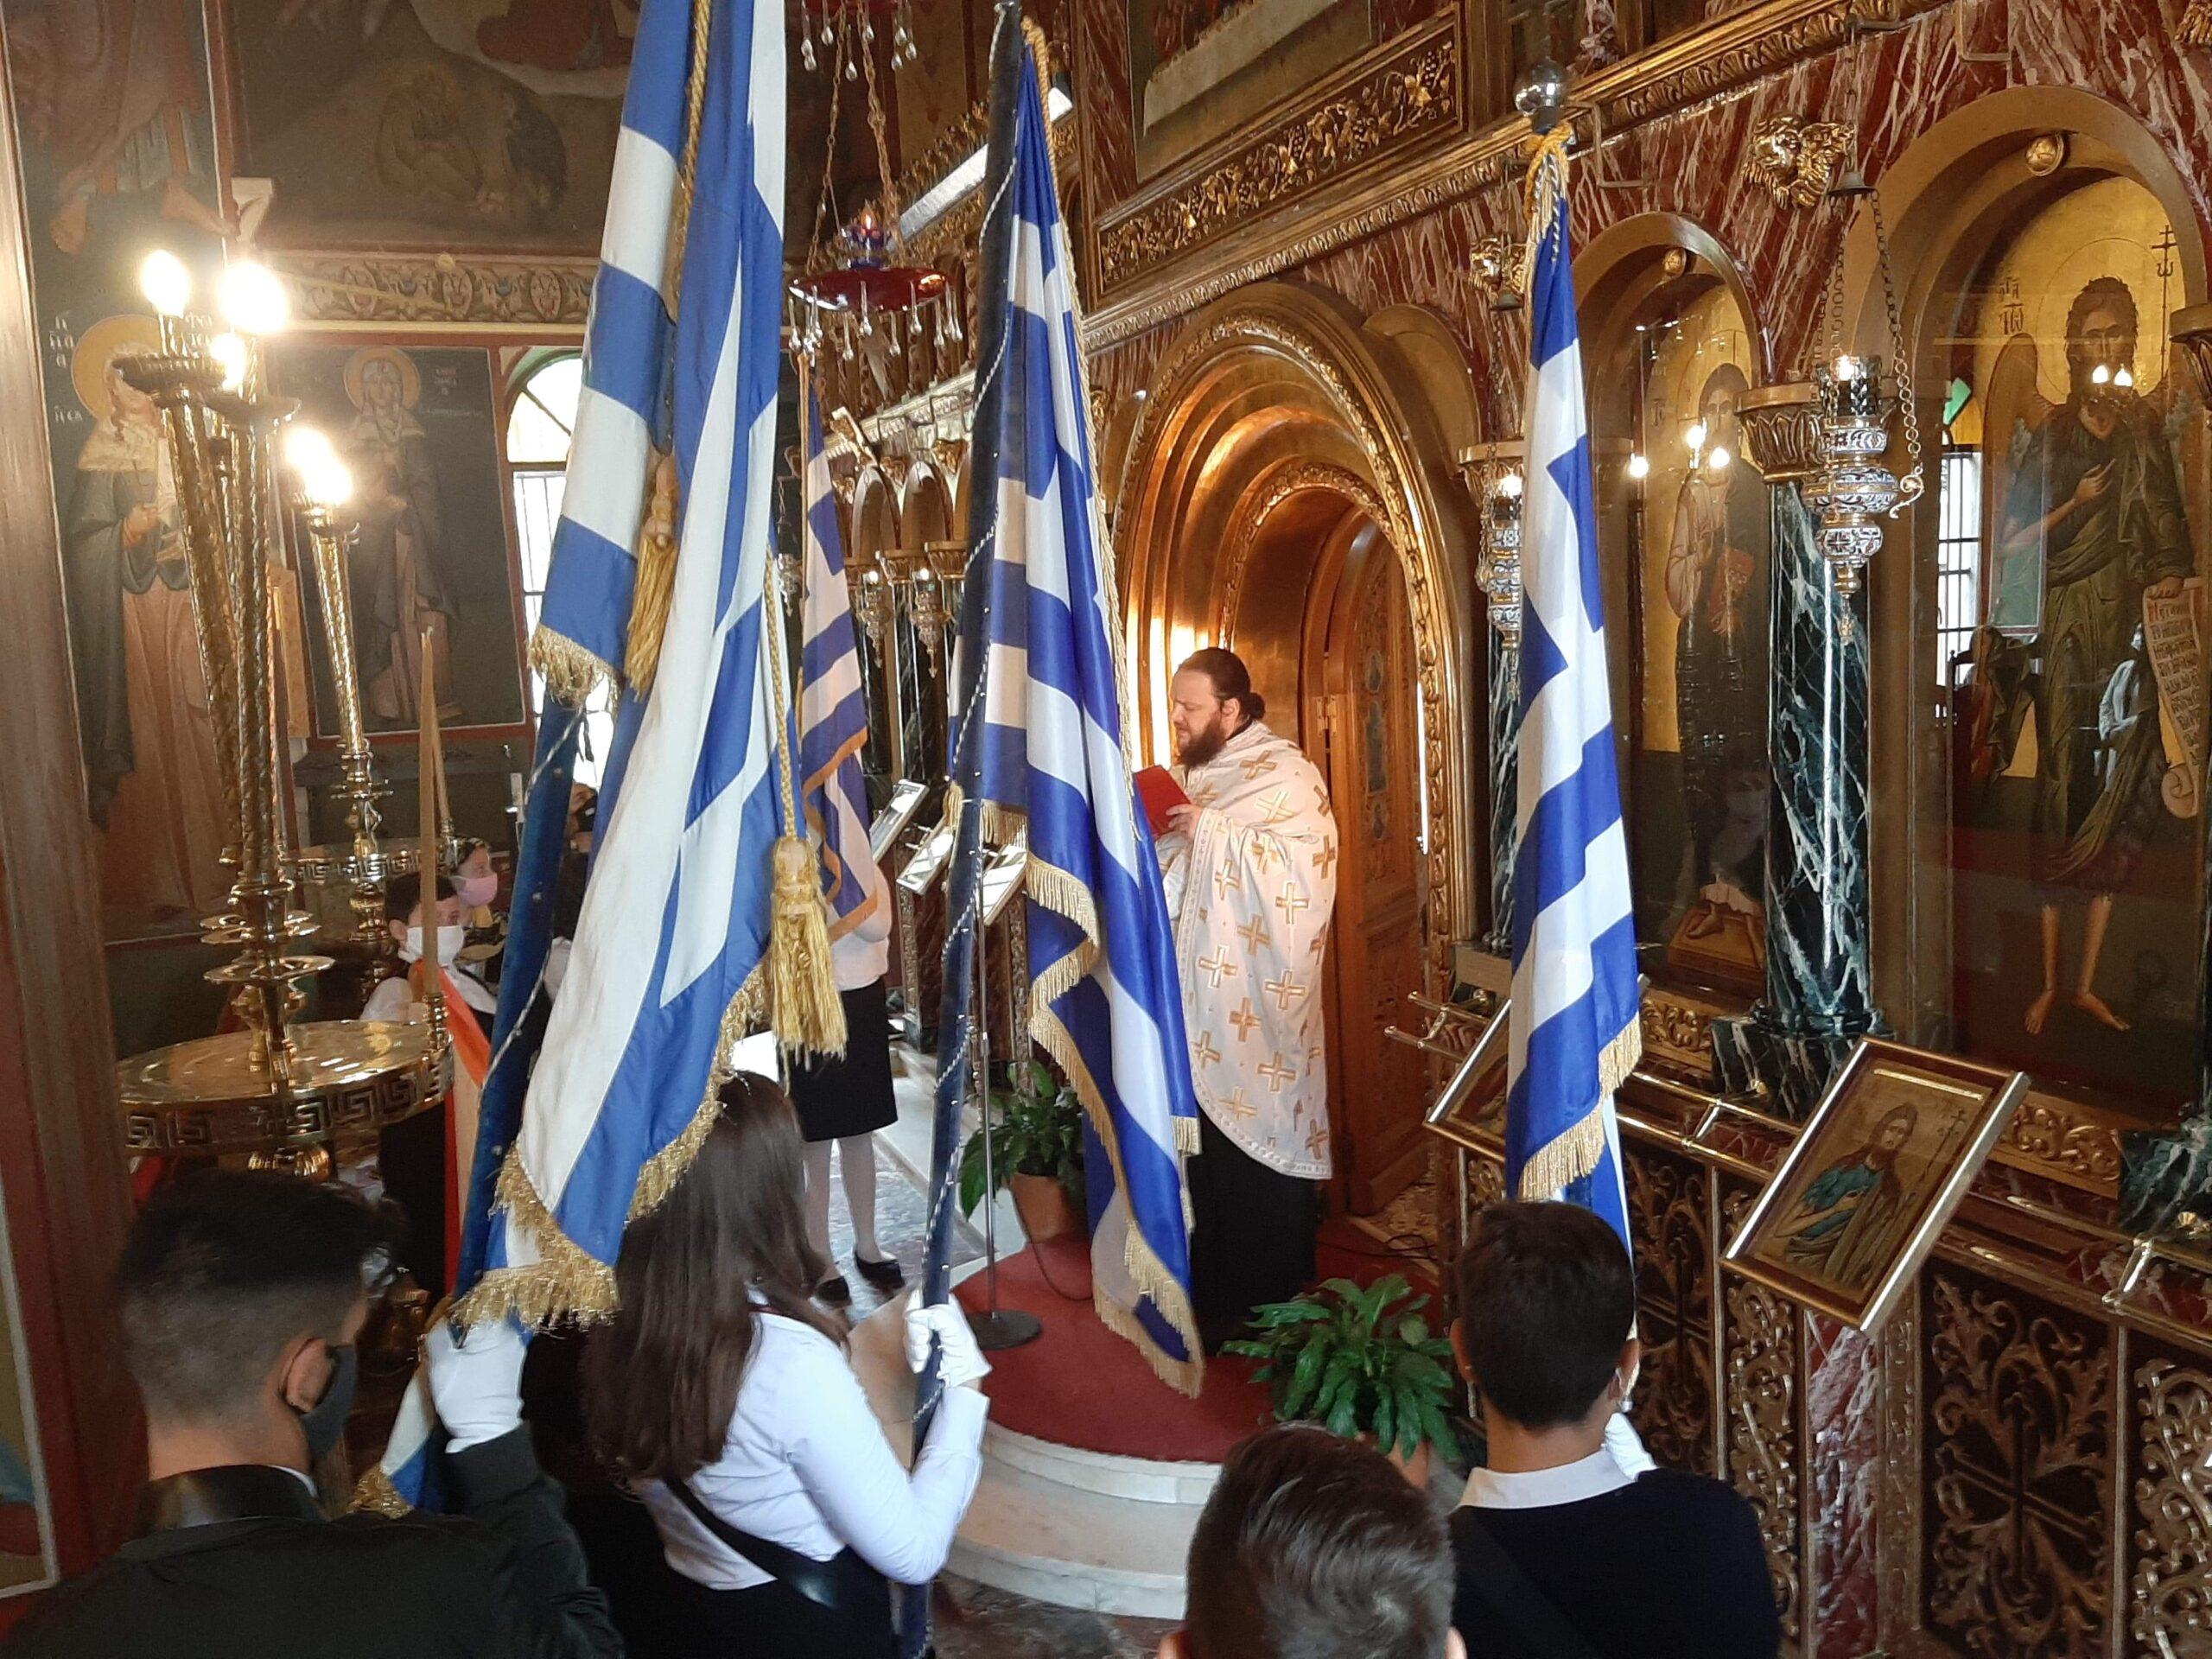 εθνικής επετείου της 28ης Οκτωβρίου τελέσθηκε, Ερέτρια: Η δοξολογία και η κατάθεση στεφάνων για την 28η Οκτωβρίου [ΦΩΤΟΓΡΑΦΙΕΣ], Eviathema.gr | Εύβοια Τοπ Νέα Ειδήσεις